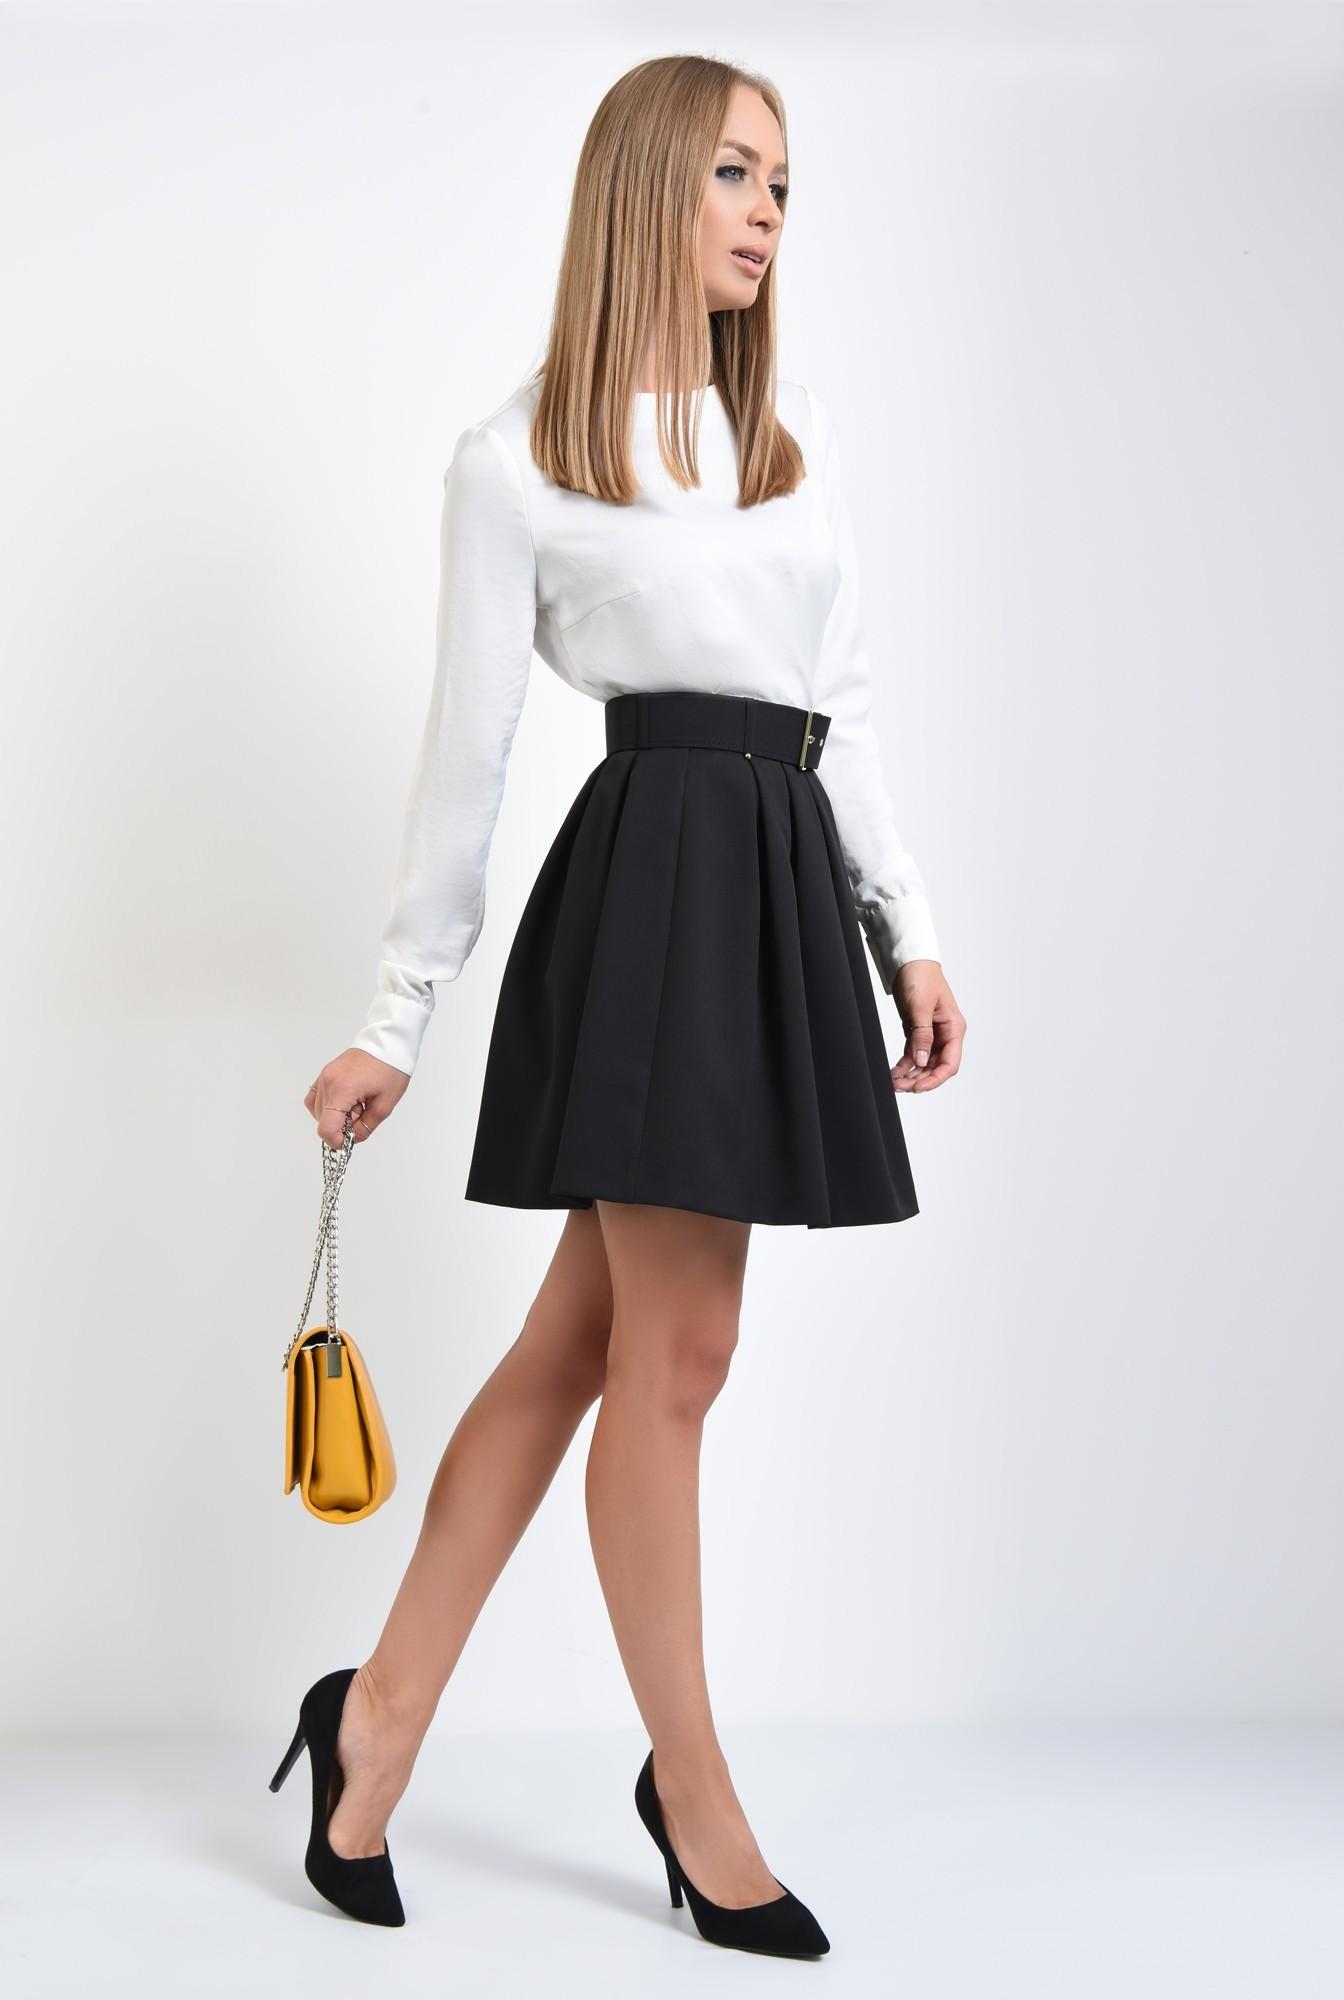 3 - fusta neagra, plisata, centura, curea cu capse aurii, fuste online